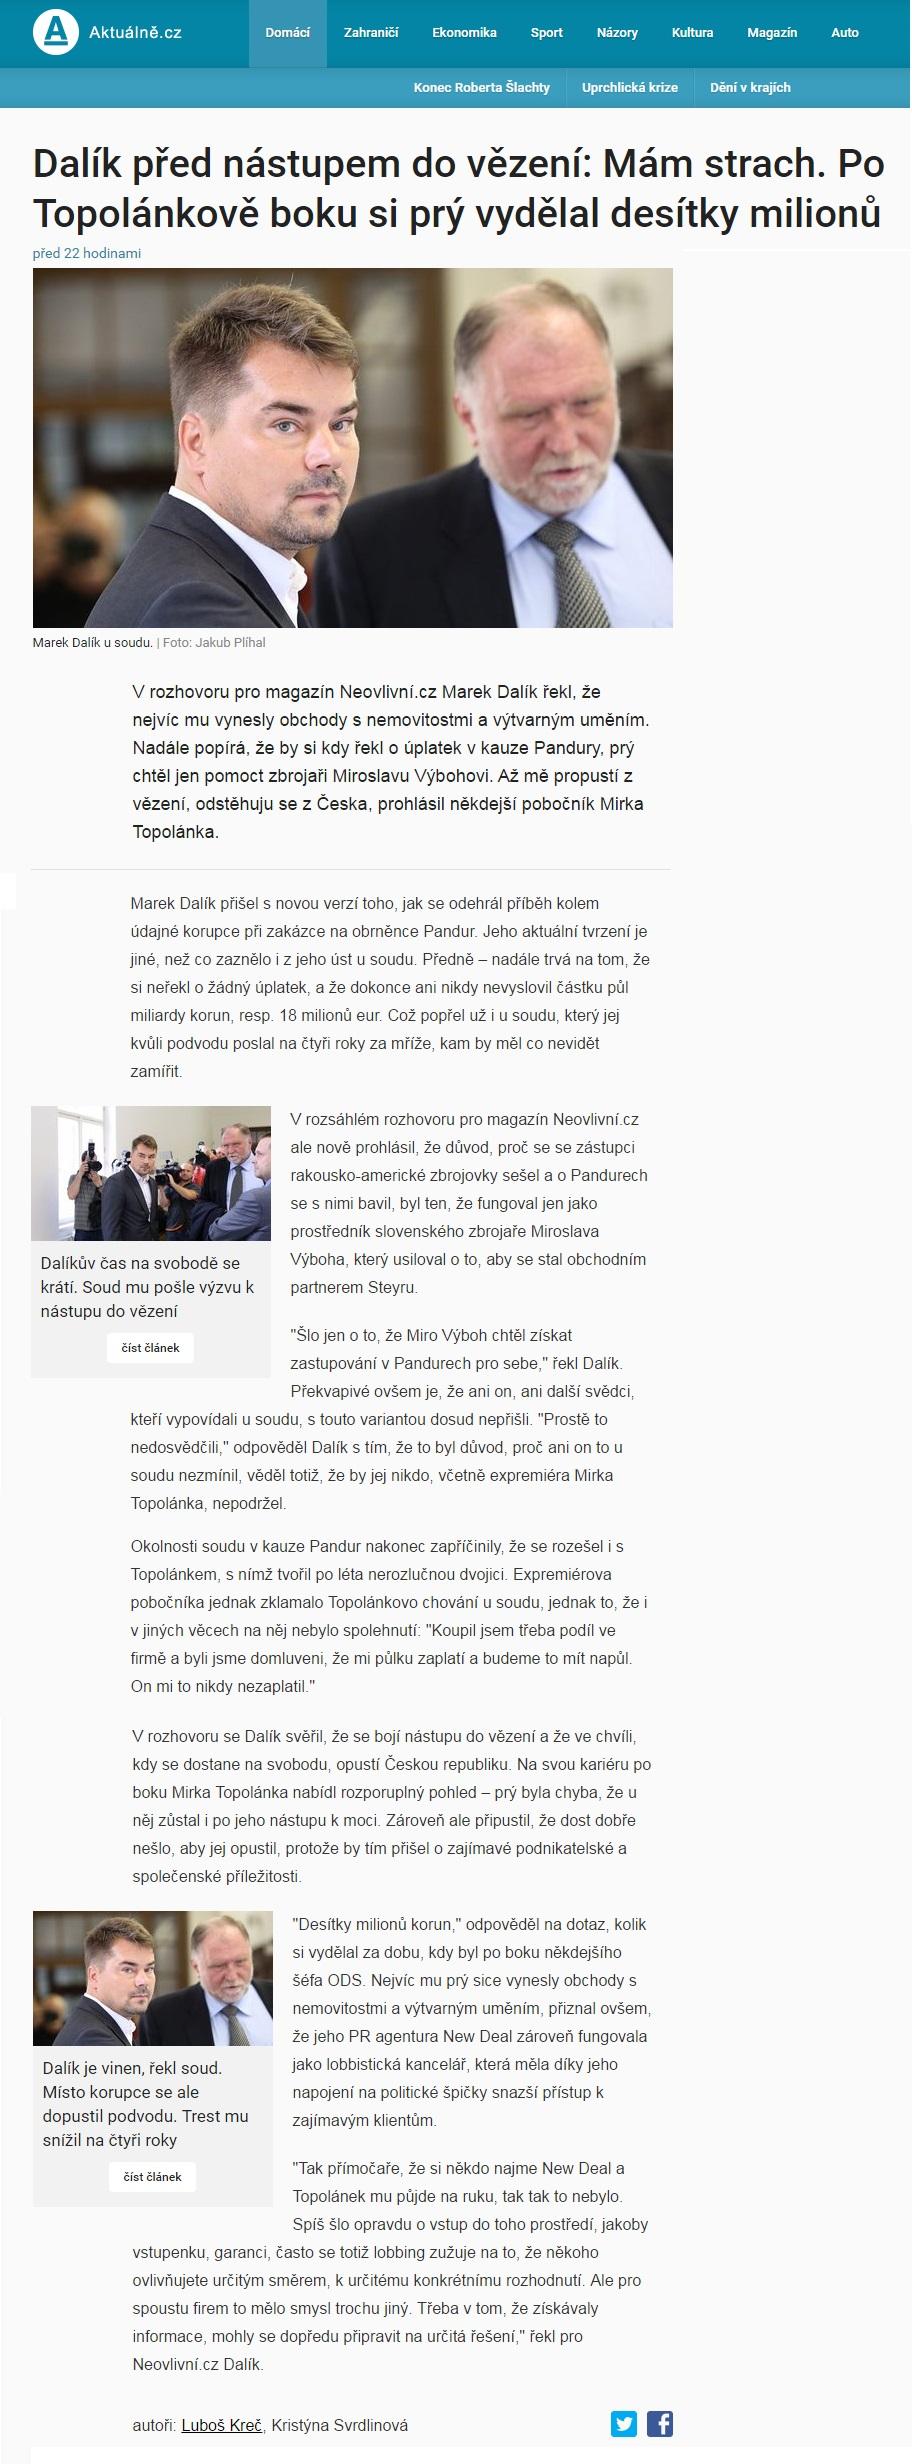 dalik_aktualne